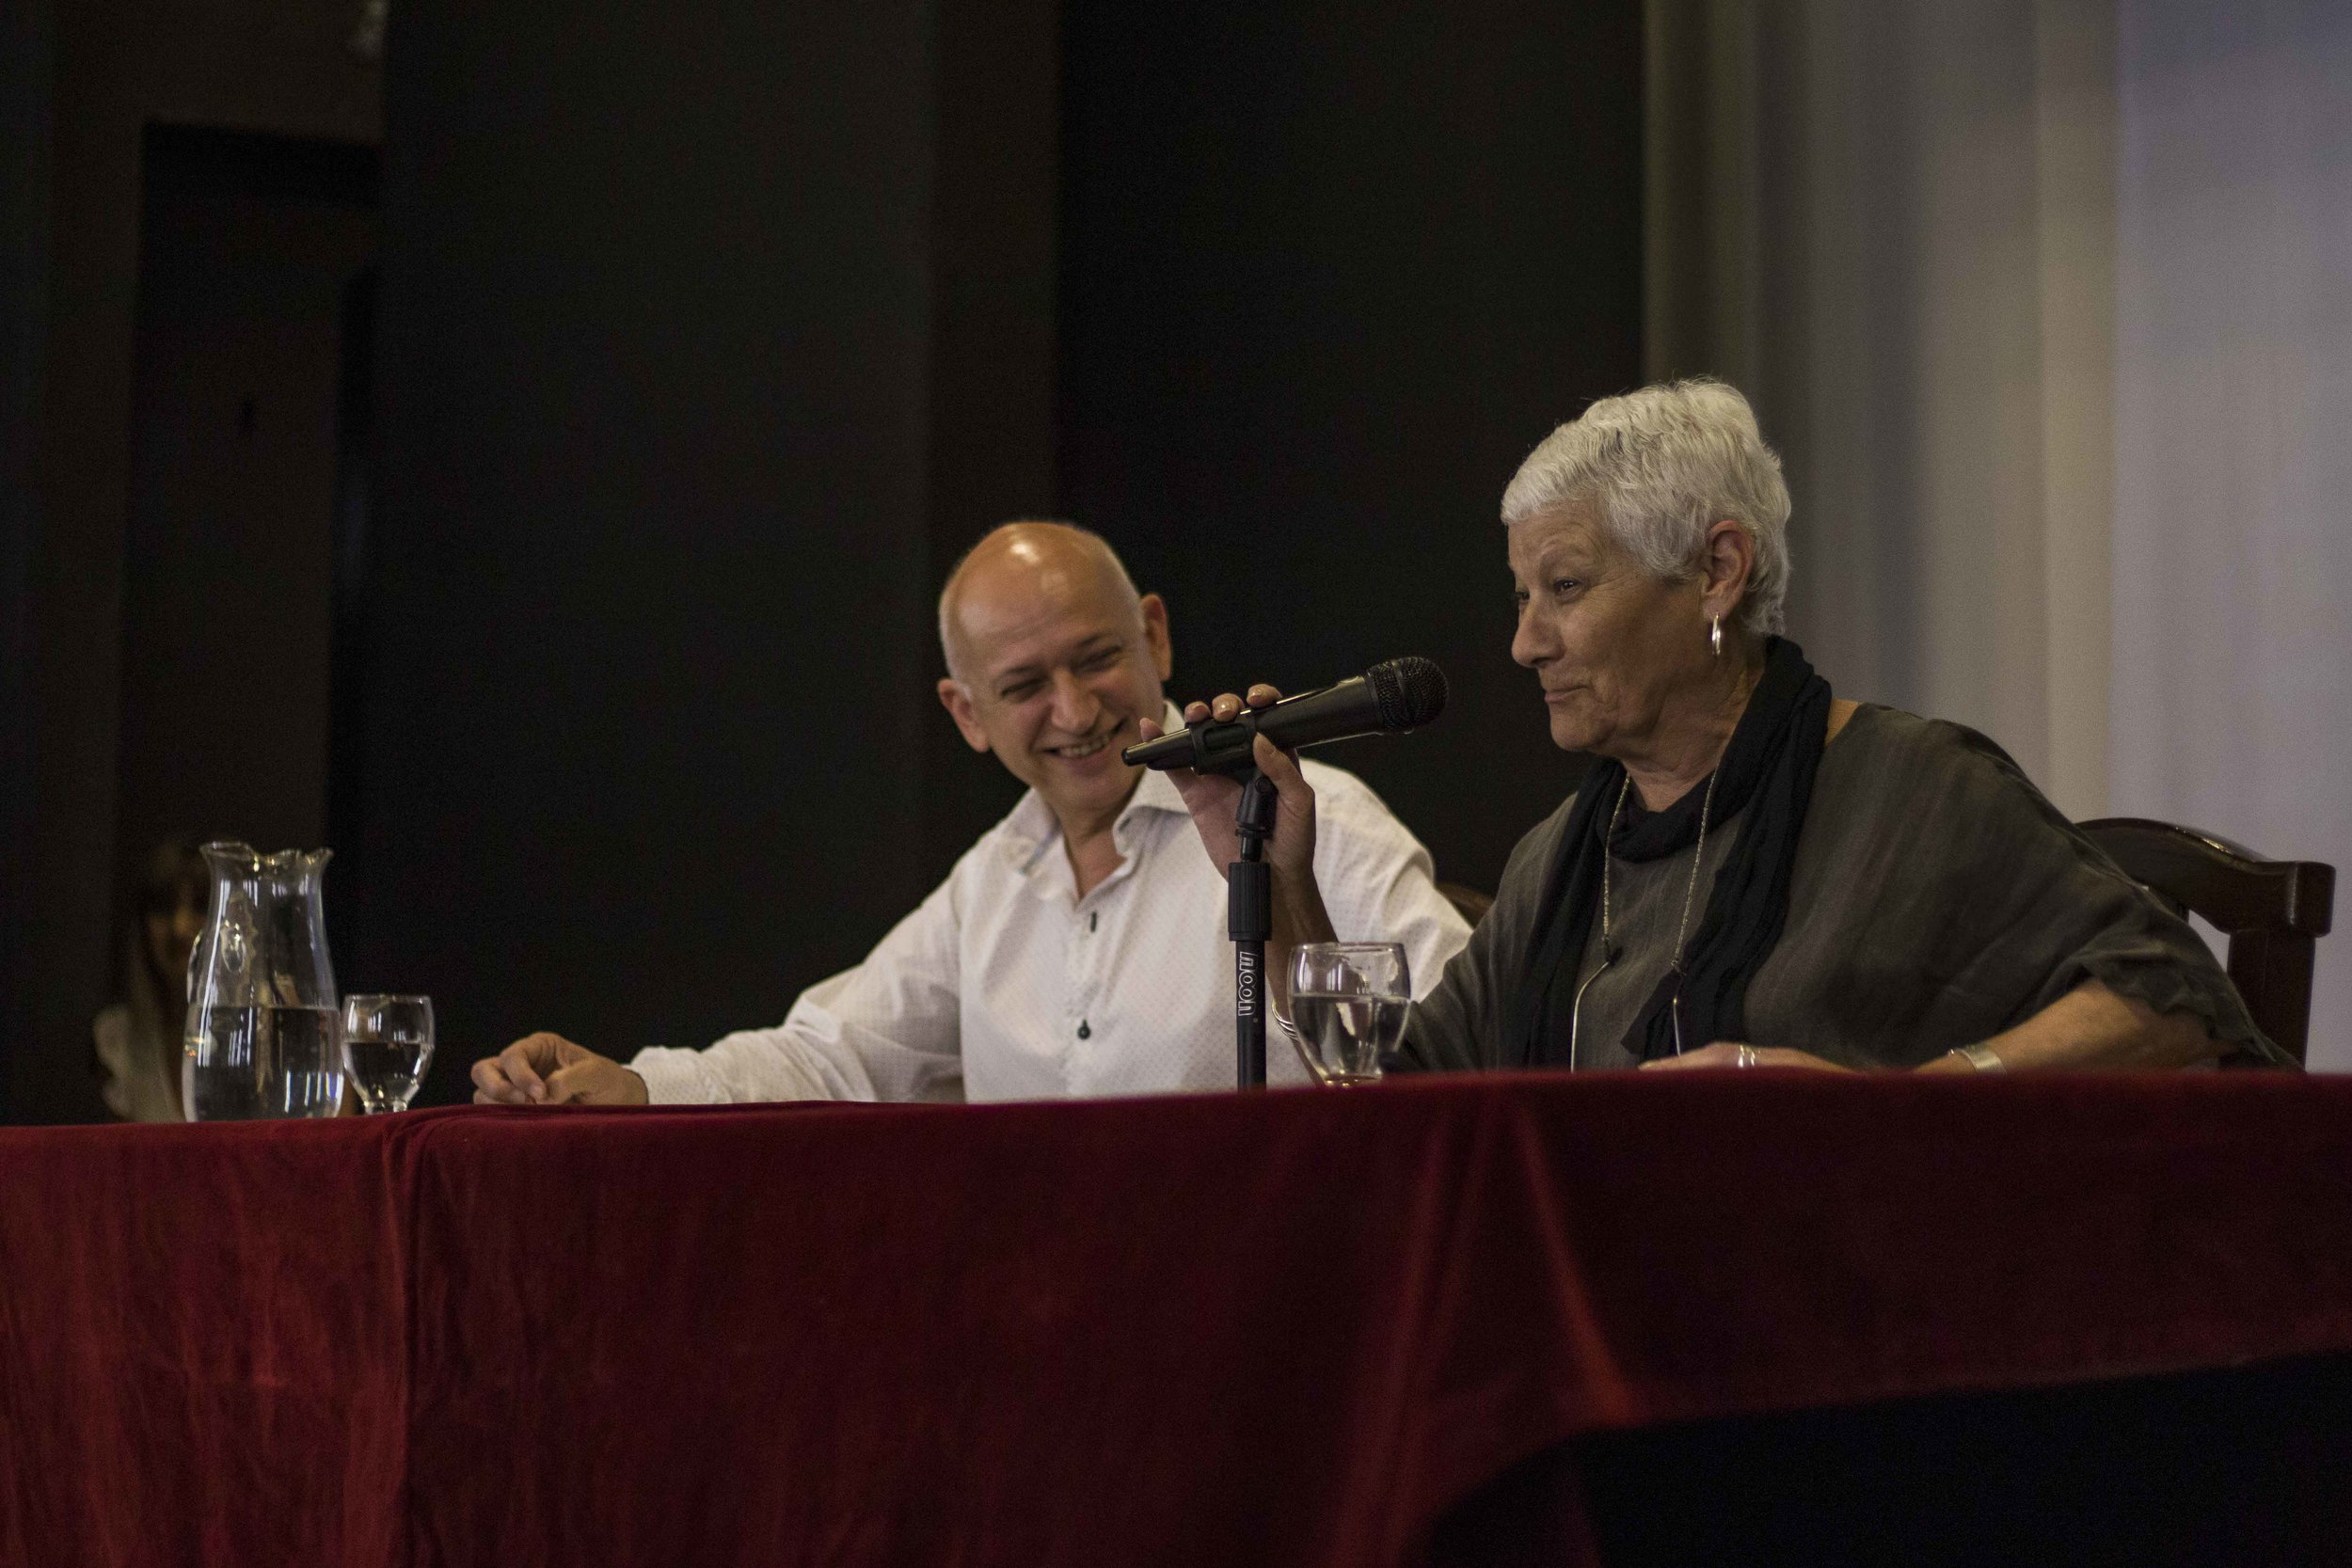 Los presentadores del libro, Ricardo Bocos y Marita Mata   Fotografía de Ignacio López Isasmendi